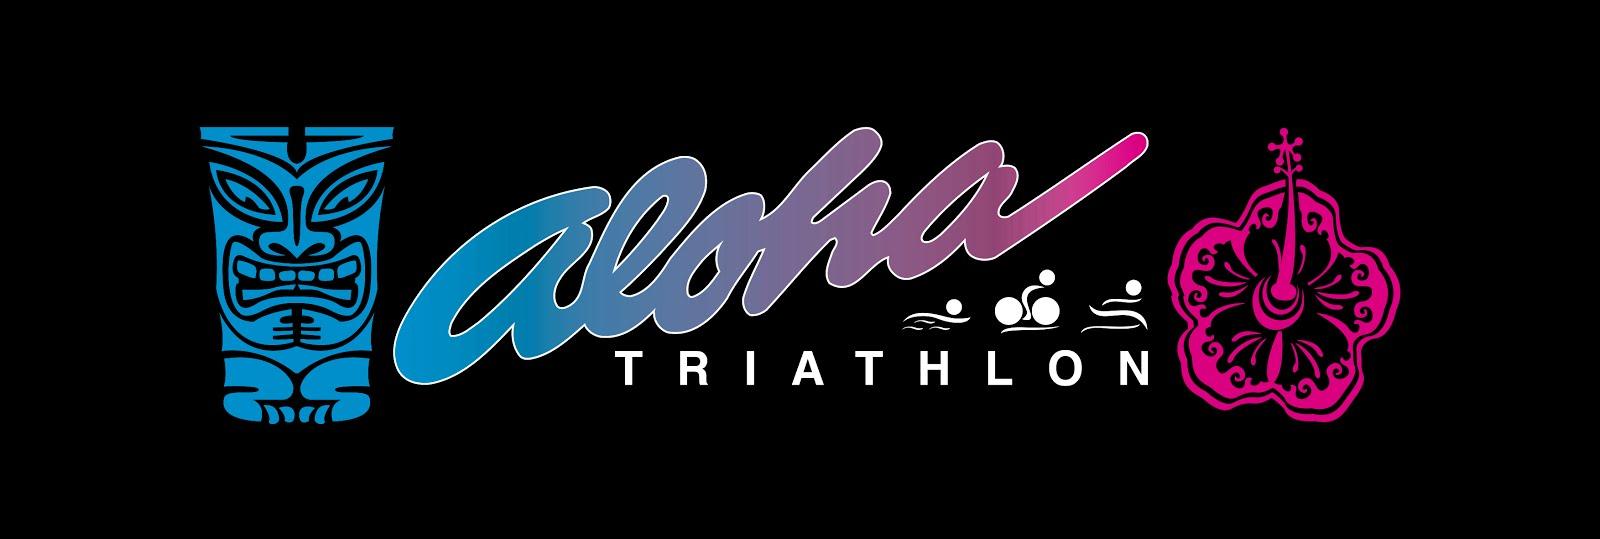 Club Aloha Triathlon